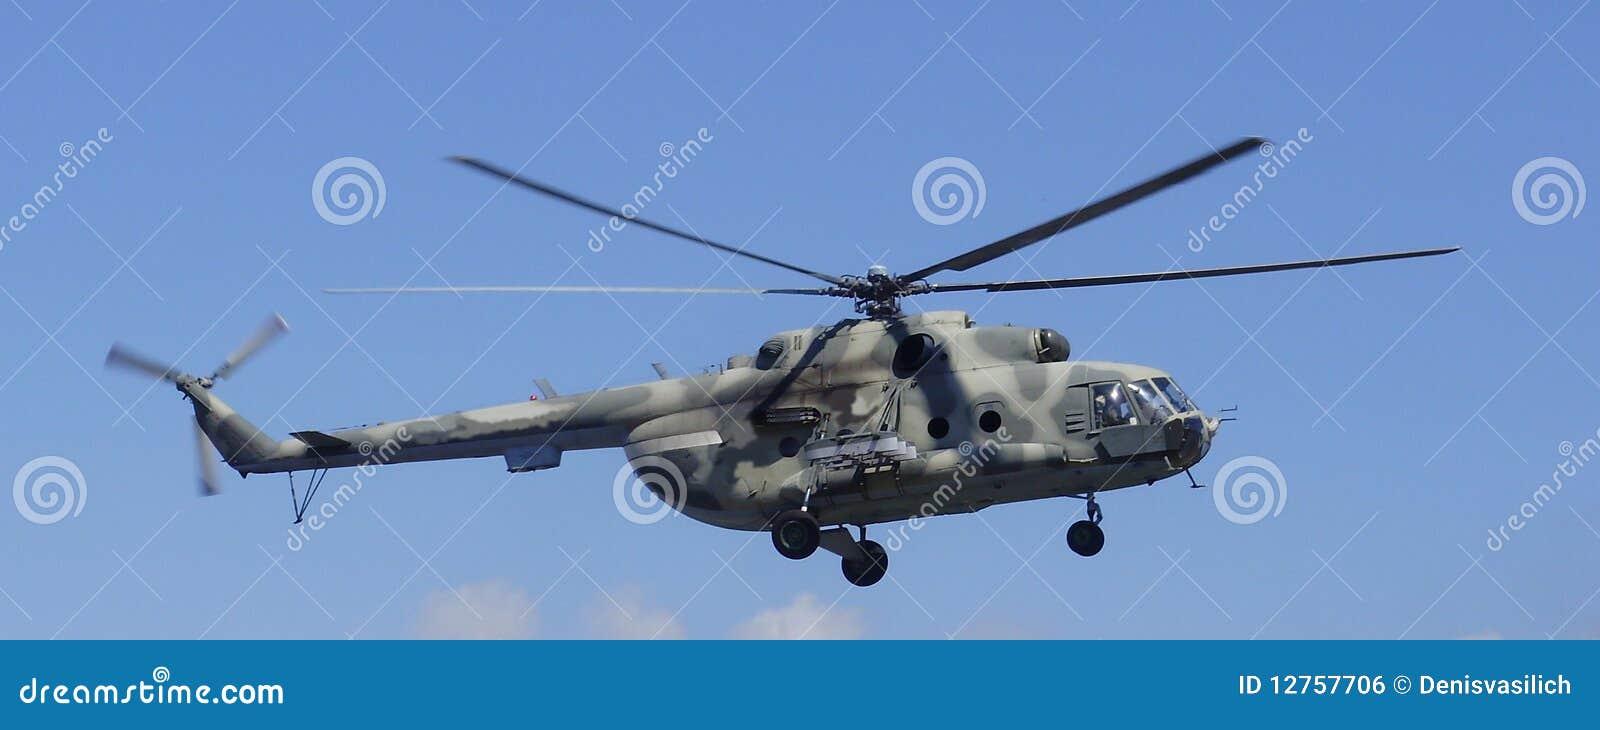 Elicottero 8 Posti : Elicottero mi nel cielo immagine stock libera da diritti